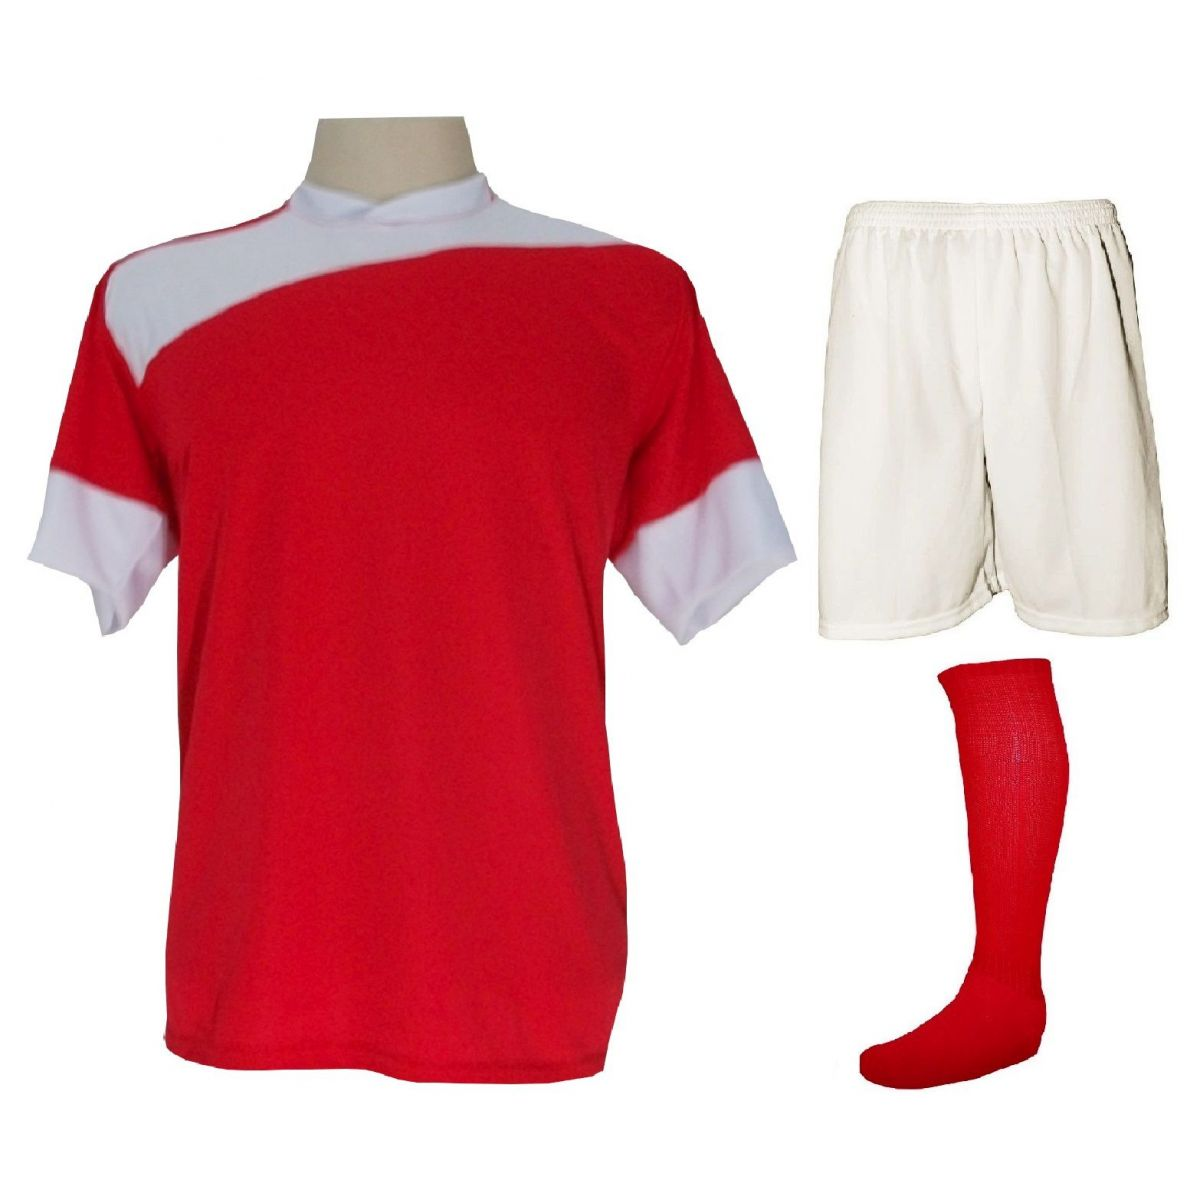 Uniforme Esportivo Completo modelo Sporting 14+1 (14 camisas Vermelho/Branco + 14 calções Madrid Branco + 14 pares de meiões Vermelho + 1 conjunto de goleiro) + Brindes